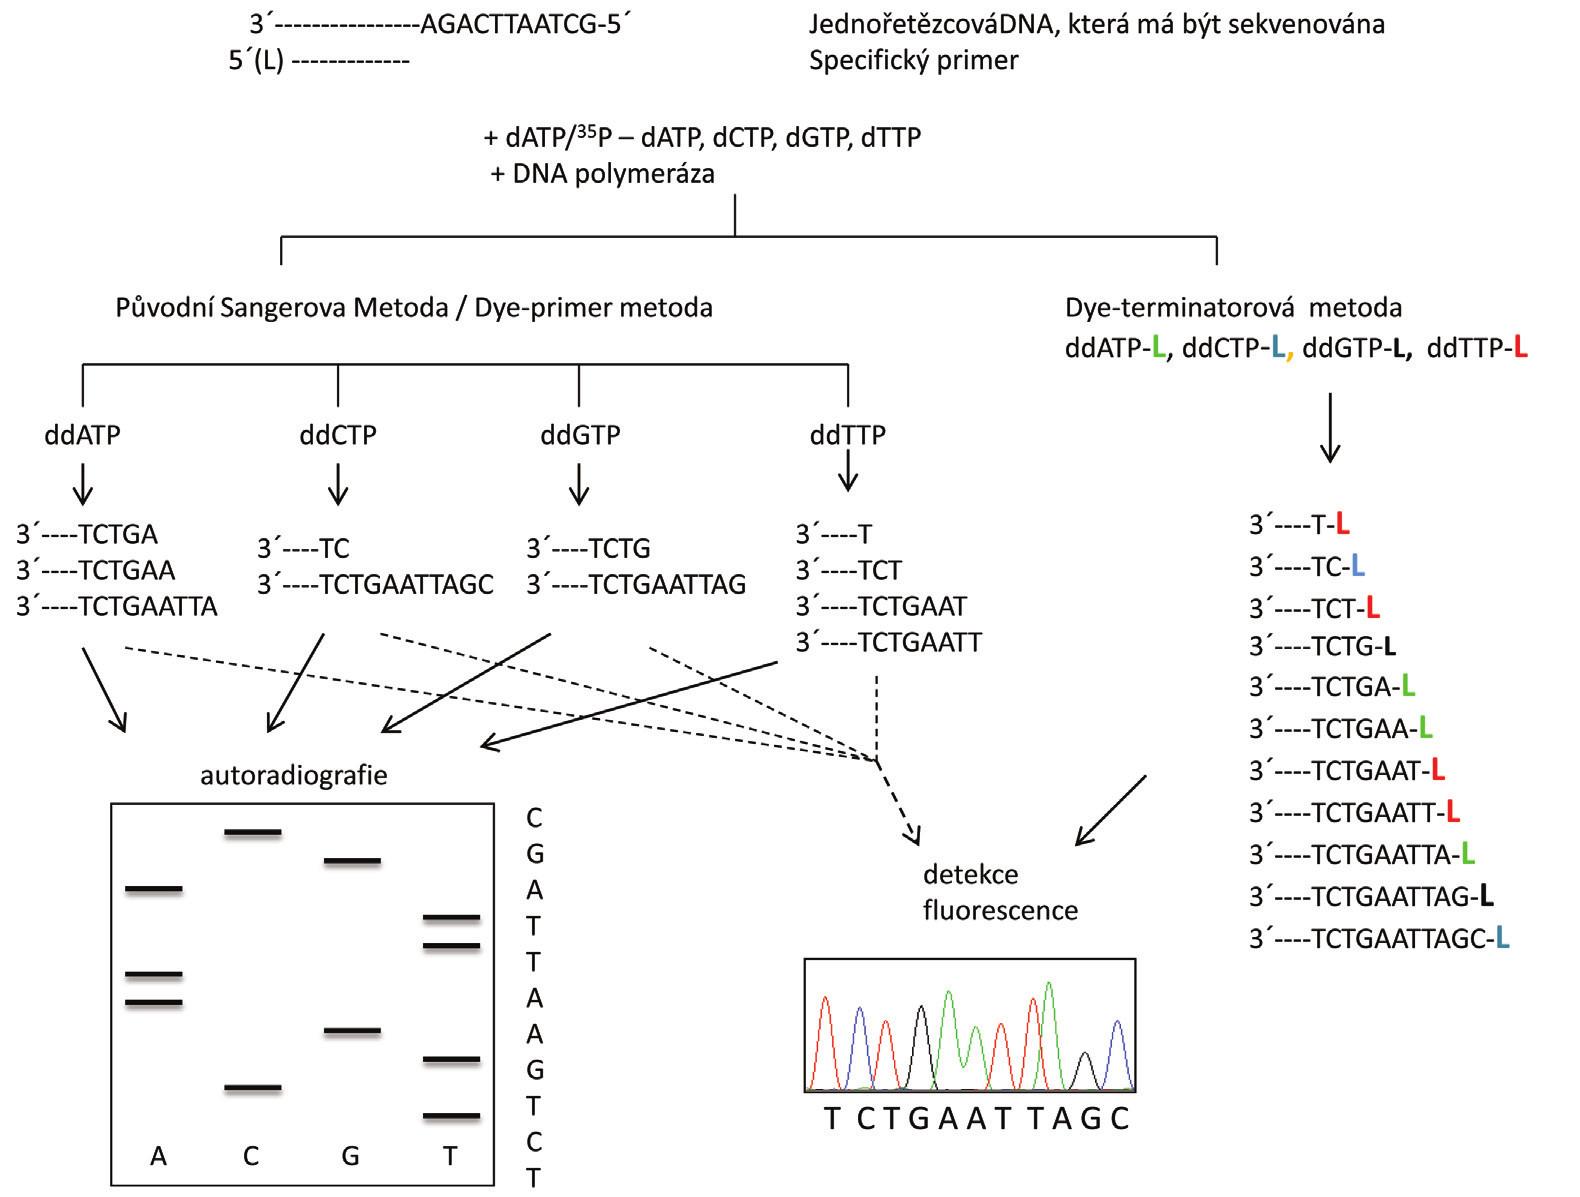 Schéma principu sekvenování Sangerovou metodou. Syntéza nového řetězce DNA probíhá ve směru 5´→3` za přítomnosti specifického primeru, jednotlivých deoxynukleotidů (dNTP), dideoxynukleotidů (ddNTP) a DNA polymerázy. V levé části je znázorněna Sangerova metoda s radioaktivním značením templátu nebo fluorescenčně značenými primery, kdy reakce probíhá ve čtyřech zkumavkách a sekvence je získaná po denaturační polyakrylamidové gelové elektroforéze (PAGE). V pravé části je znázorněna tato metoda s fluorescenčním značením ddNTP (L = label-značka), kdy reakce probíhá v jedné zkumavce a sekvence je získána po kapilární elektroforéze (15).